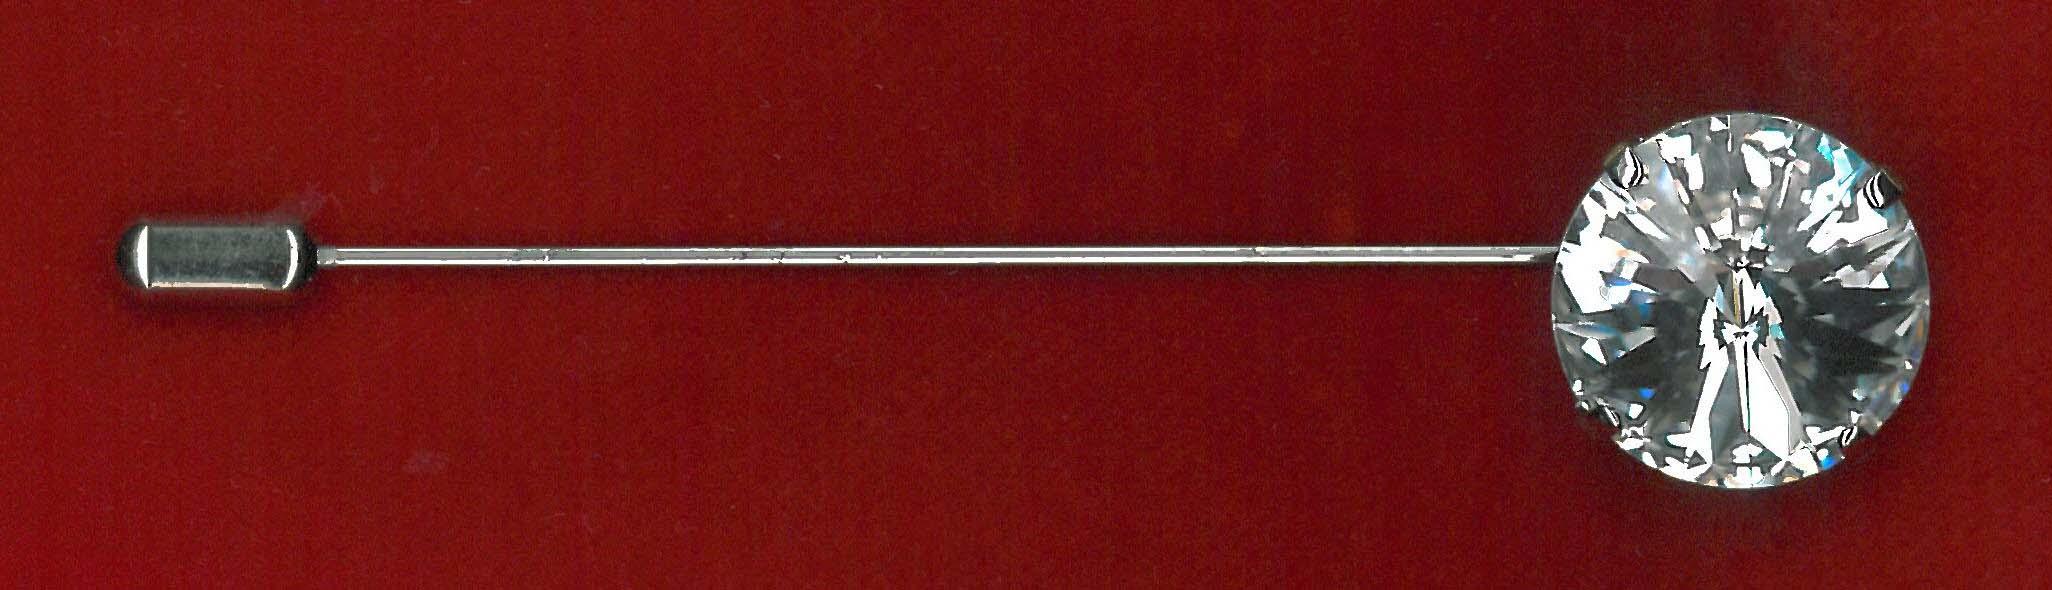 CRAVAT PIN - NICKEL